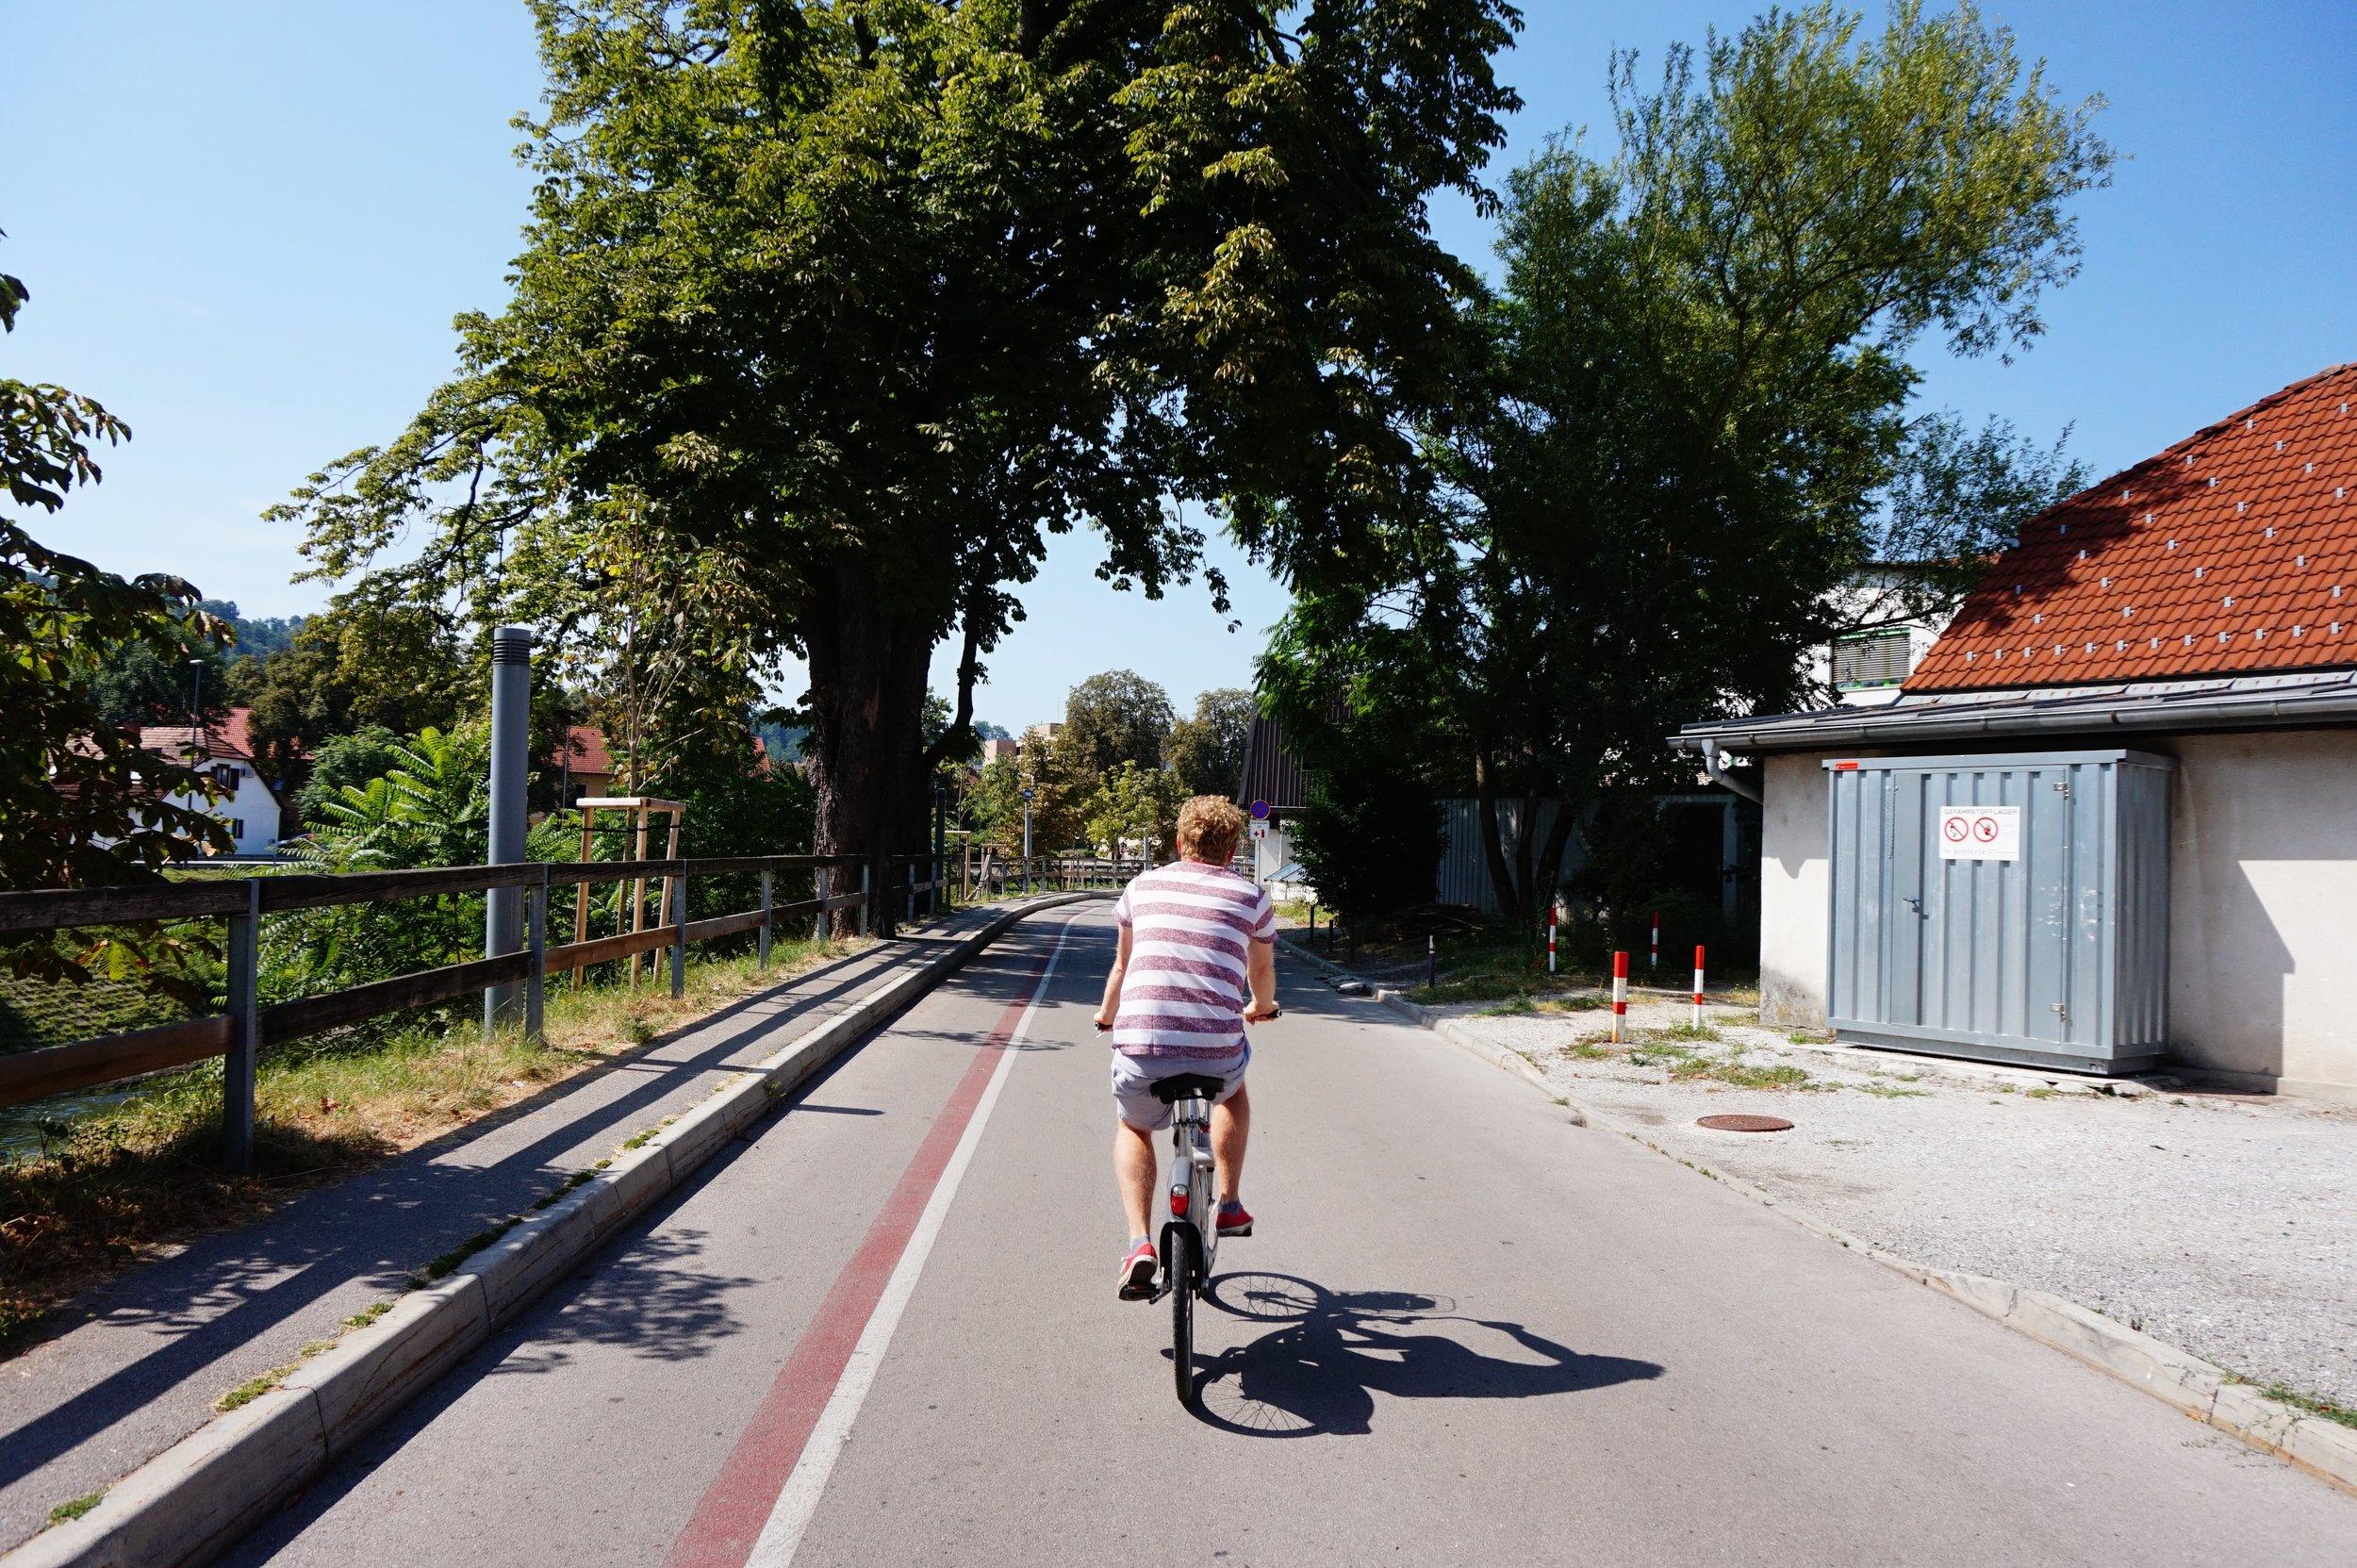 bike rental is the best way to get around Ljubljana